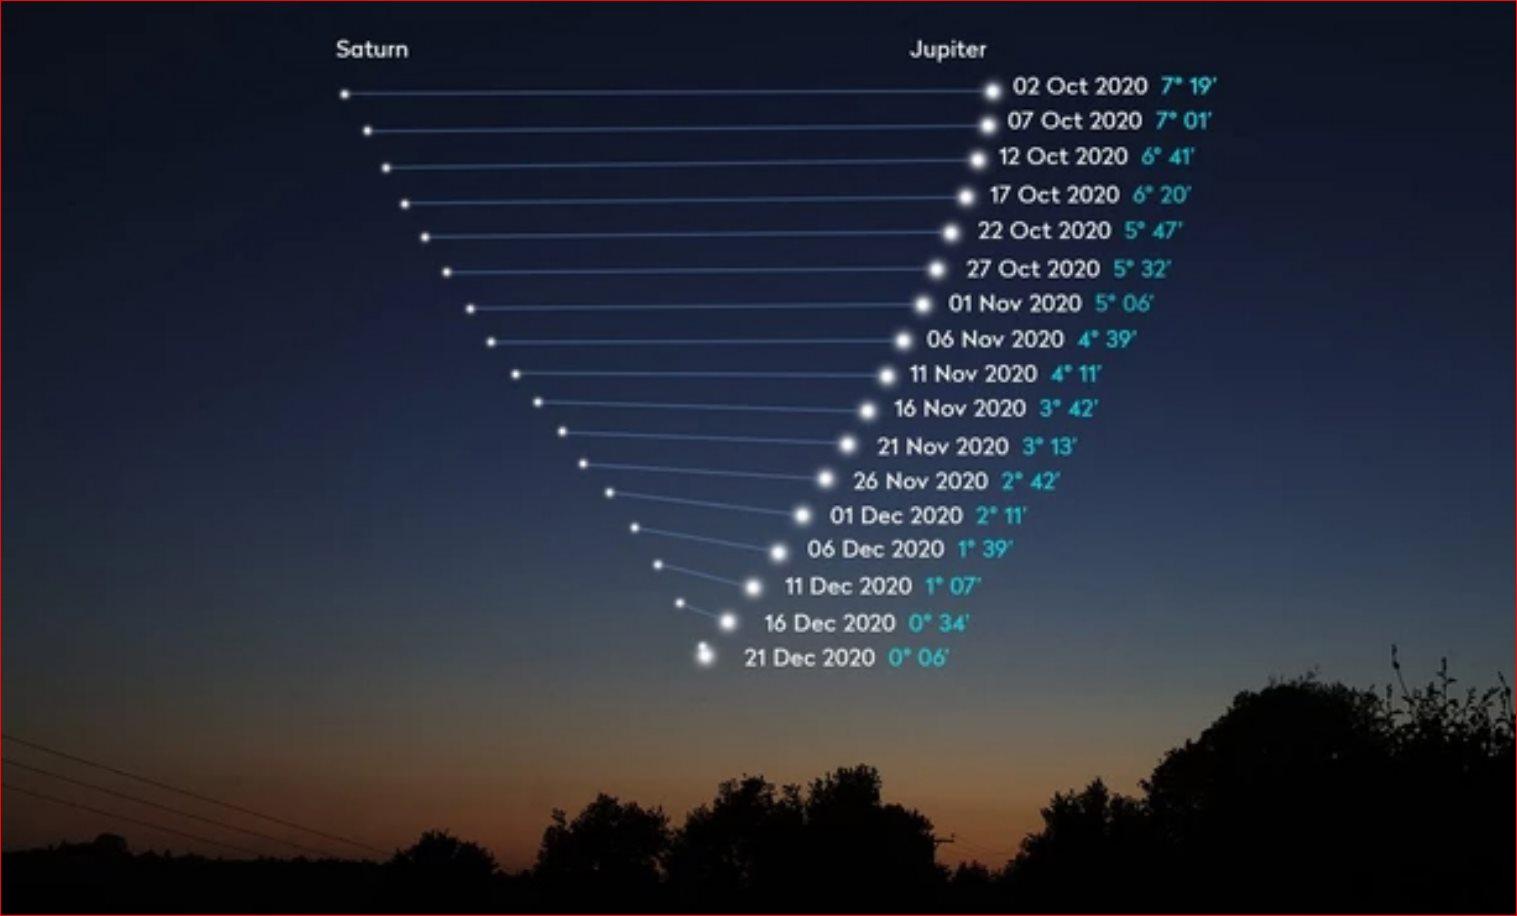 Conjunción Júpiter Staurno